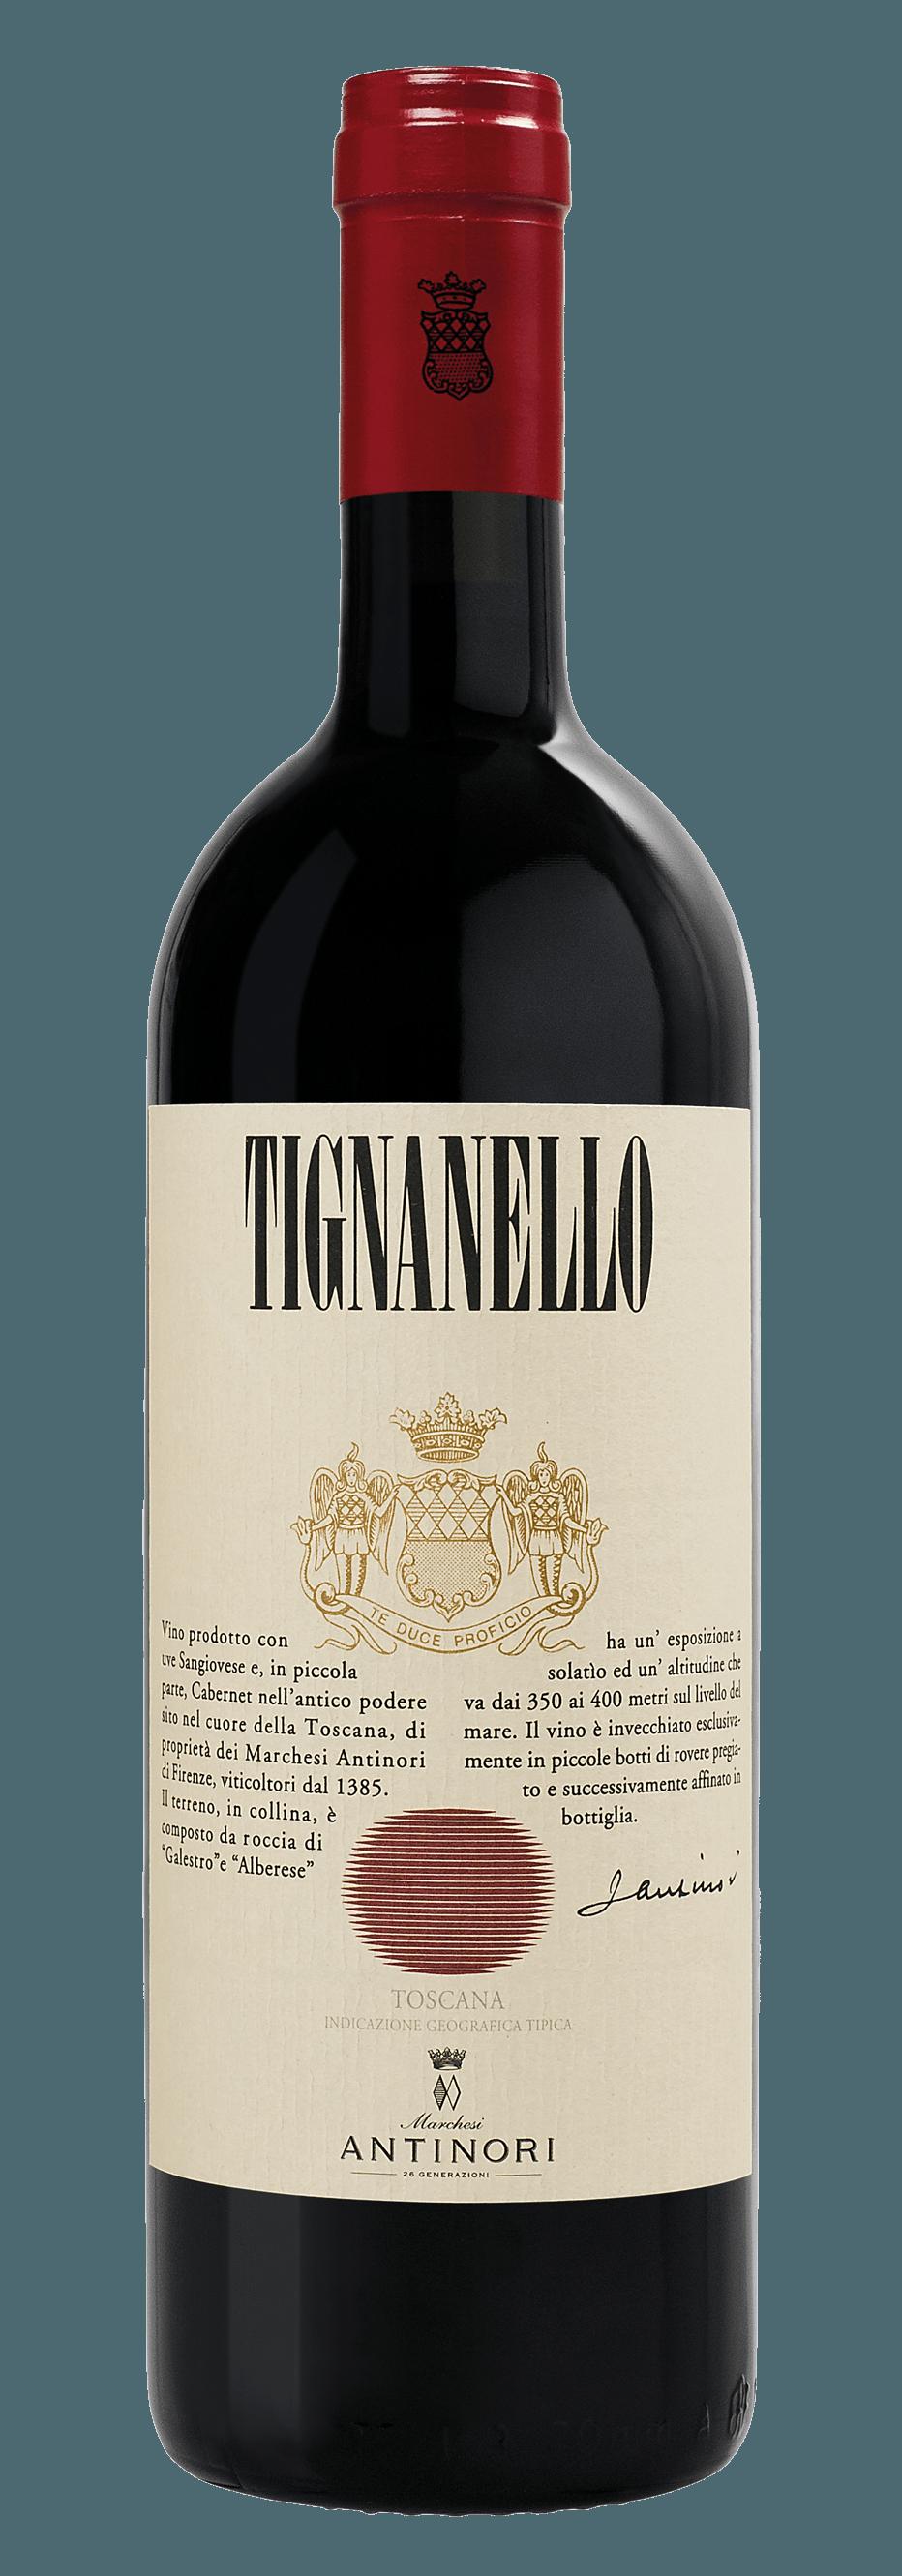 tignanello antinori toscana 1456631